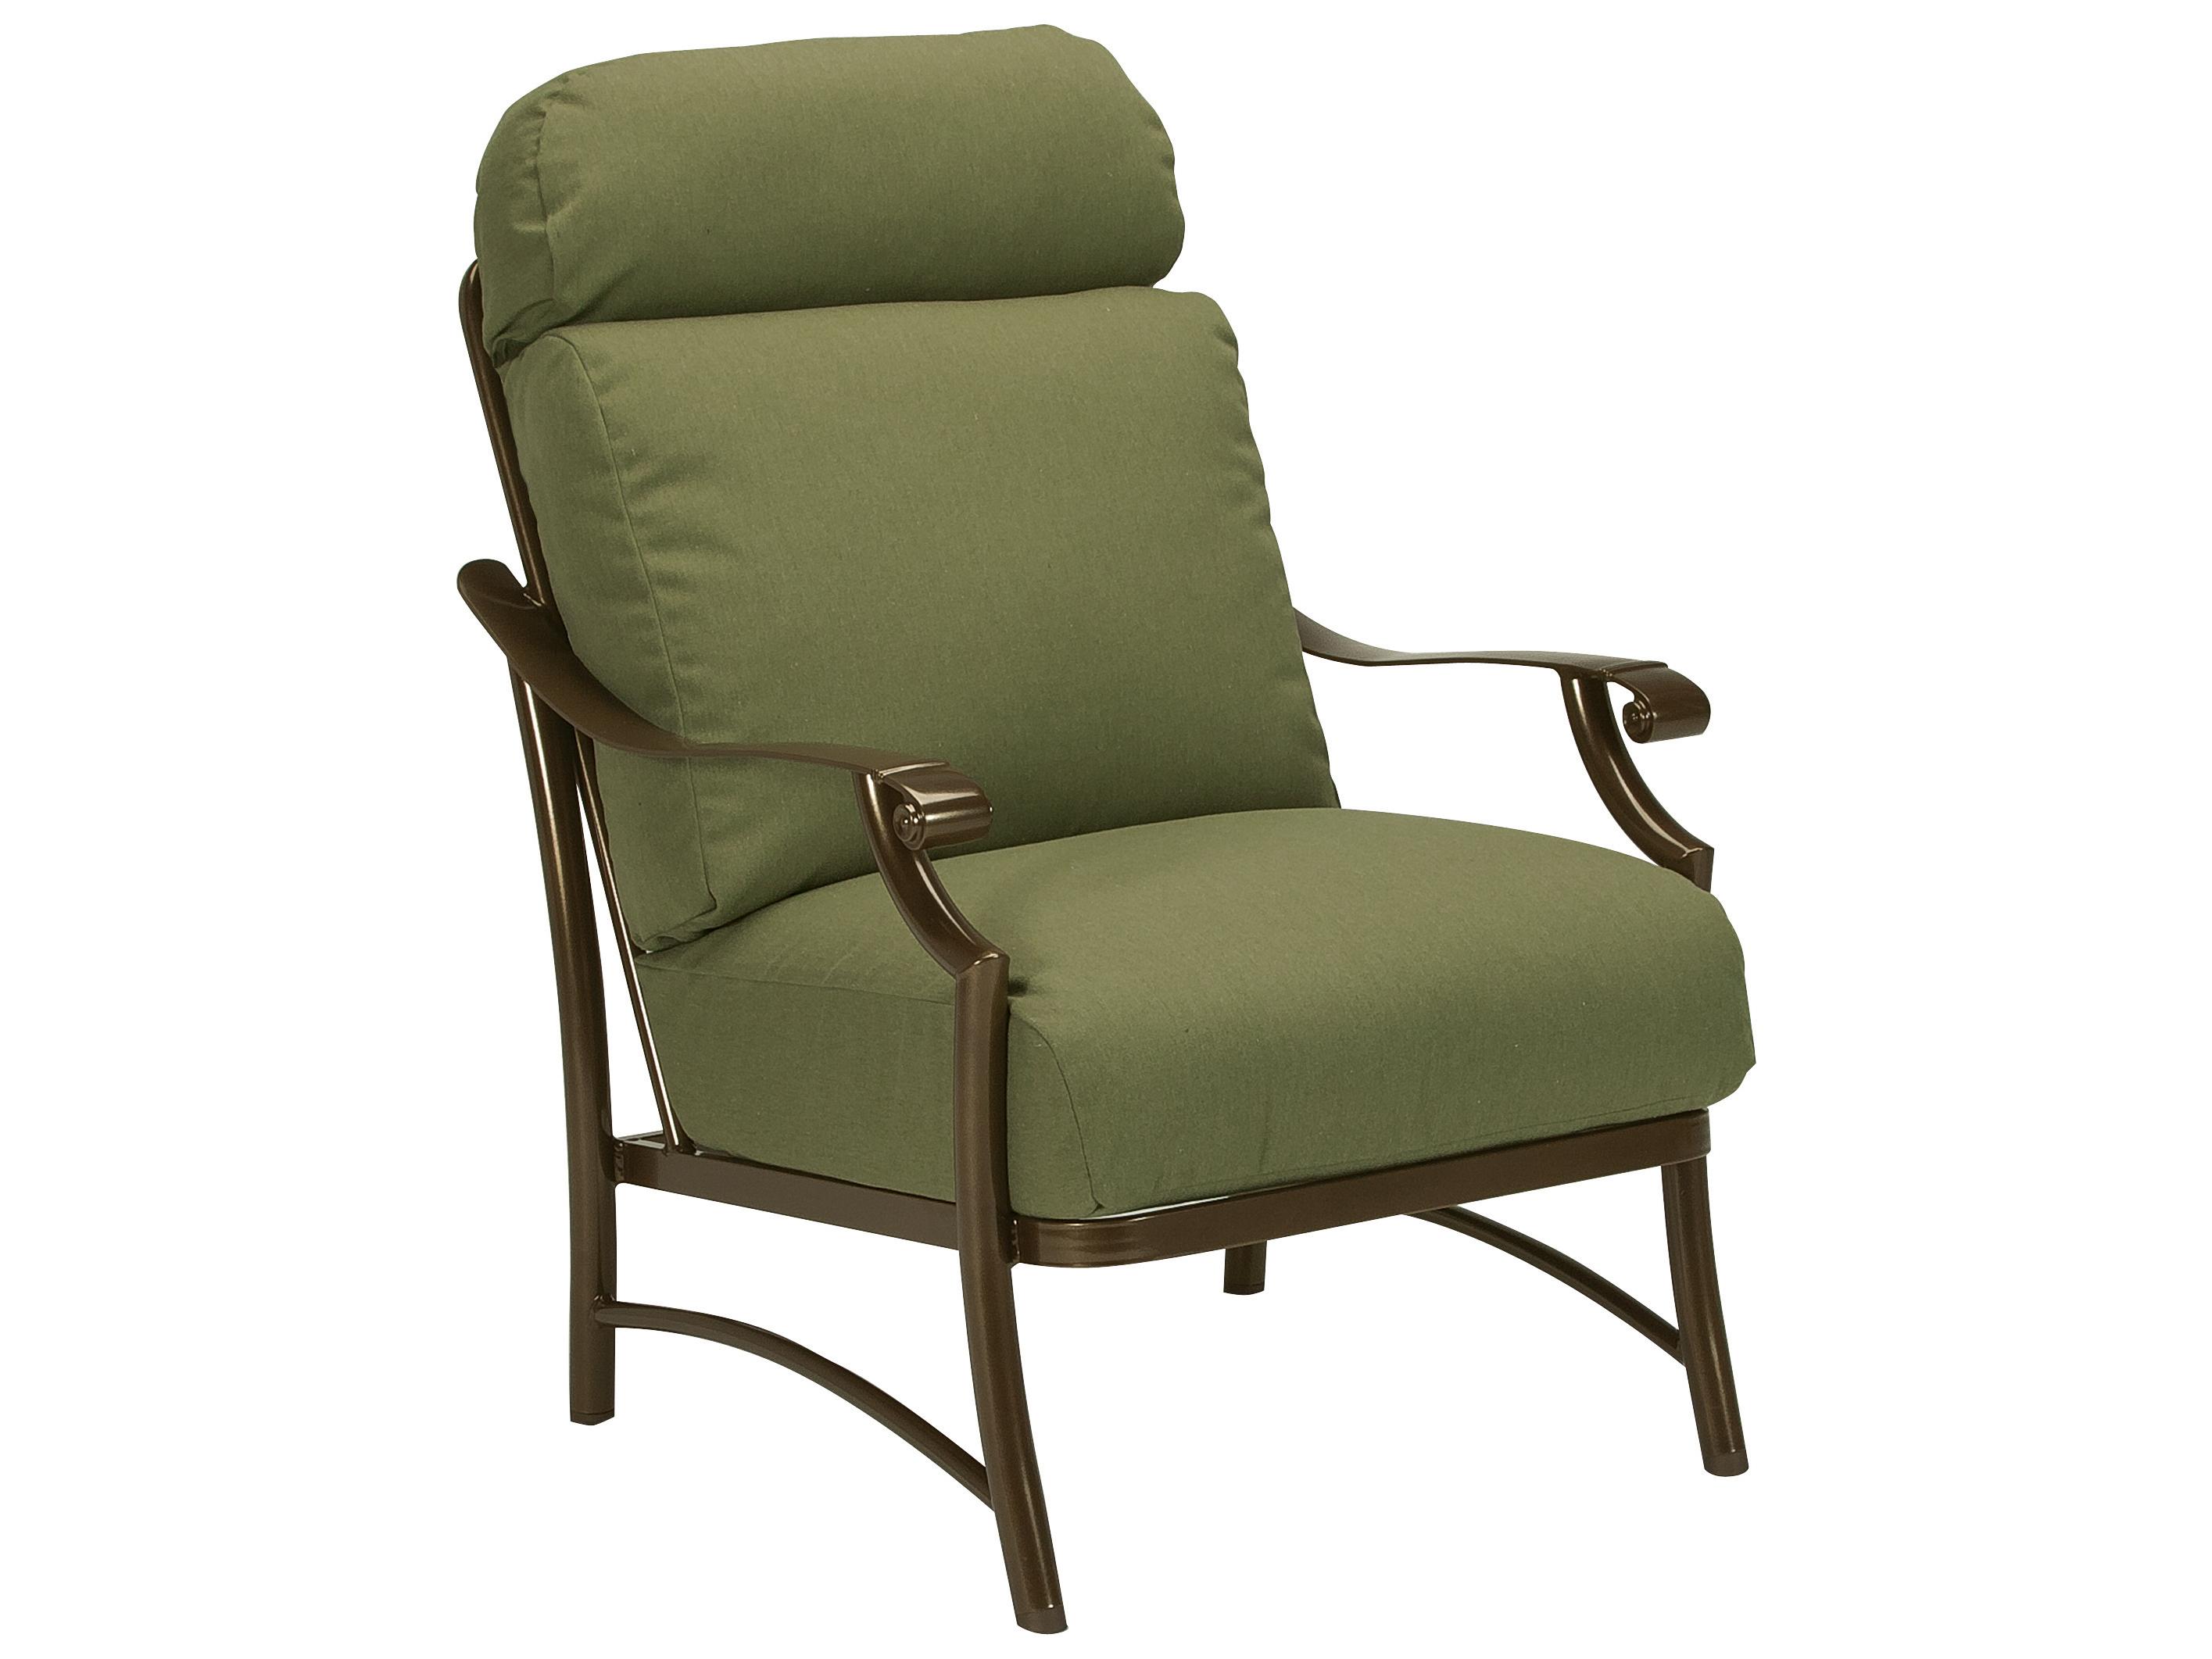 Tropitone Montreaux Ii Relaxplus Cushion Aluminum Lounge